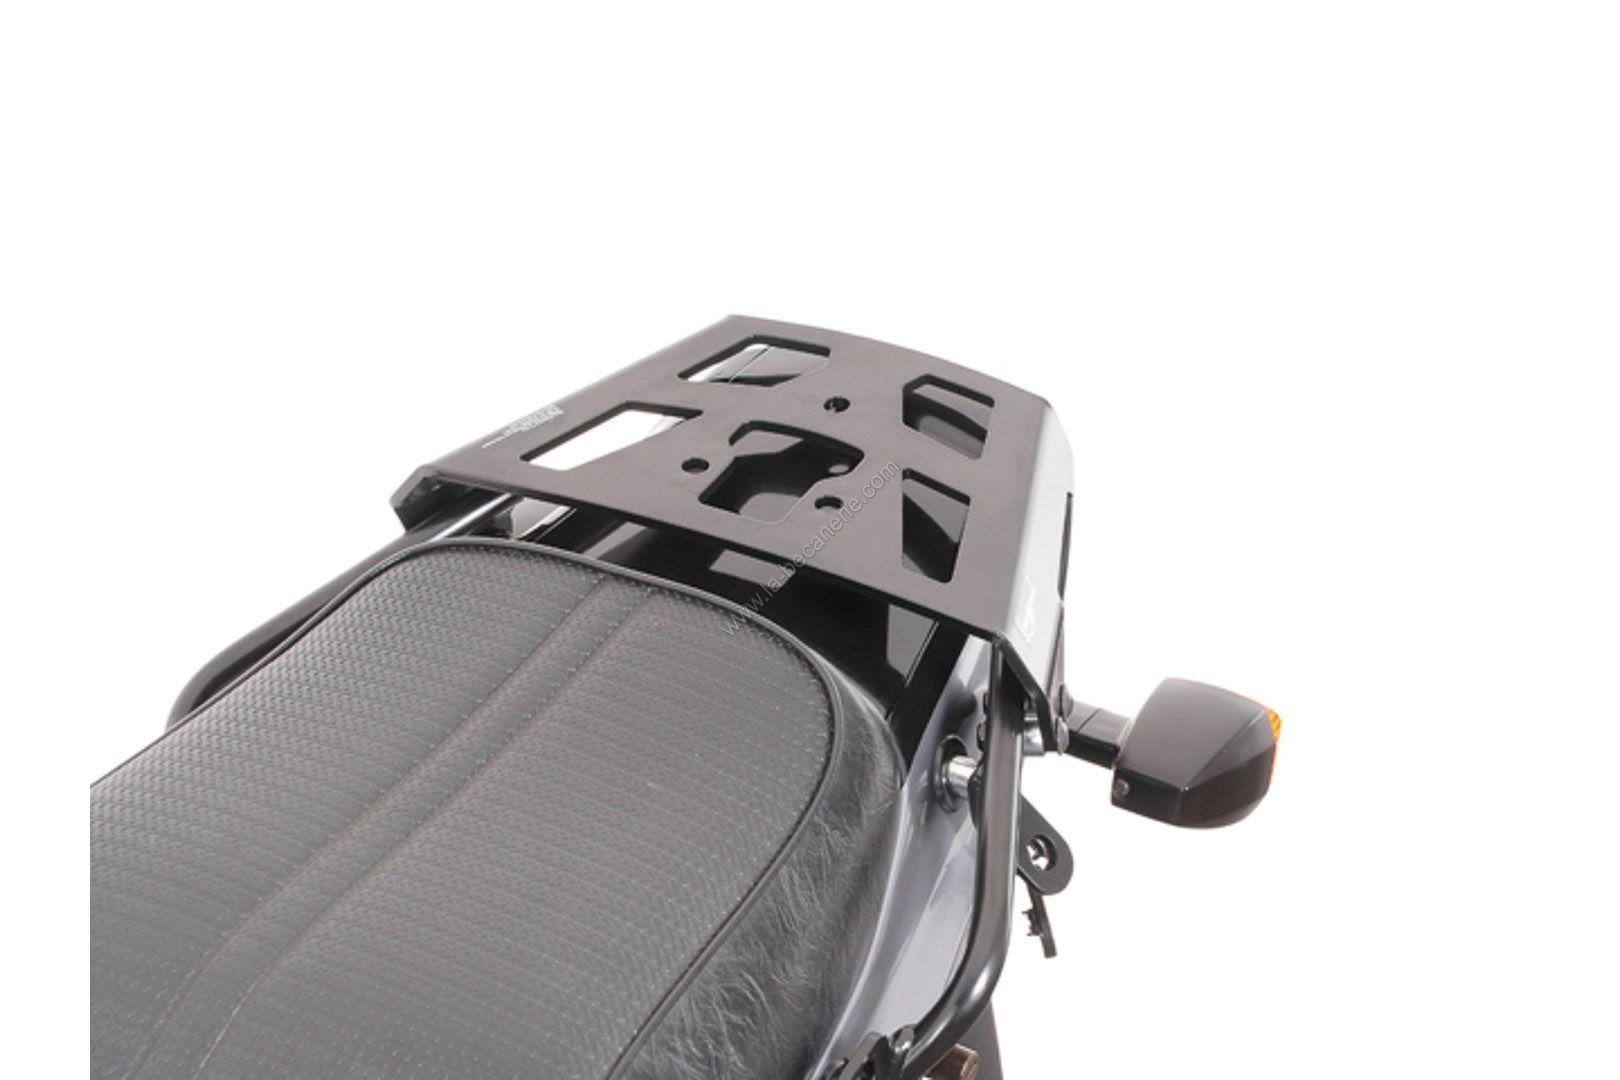 Case Rack Support Noir 1200 Sw Kawasaki Motech Alu Top Zrx1100Zrx rdxBhsQCot